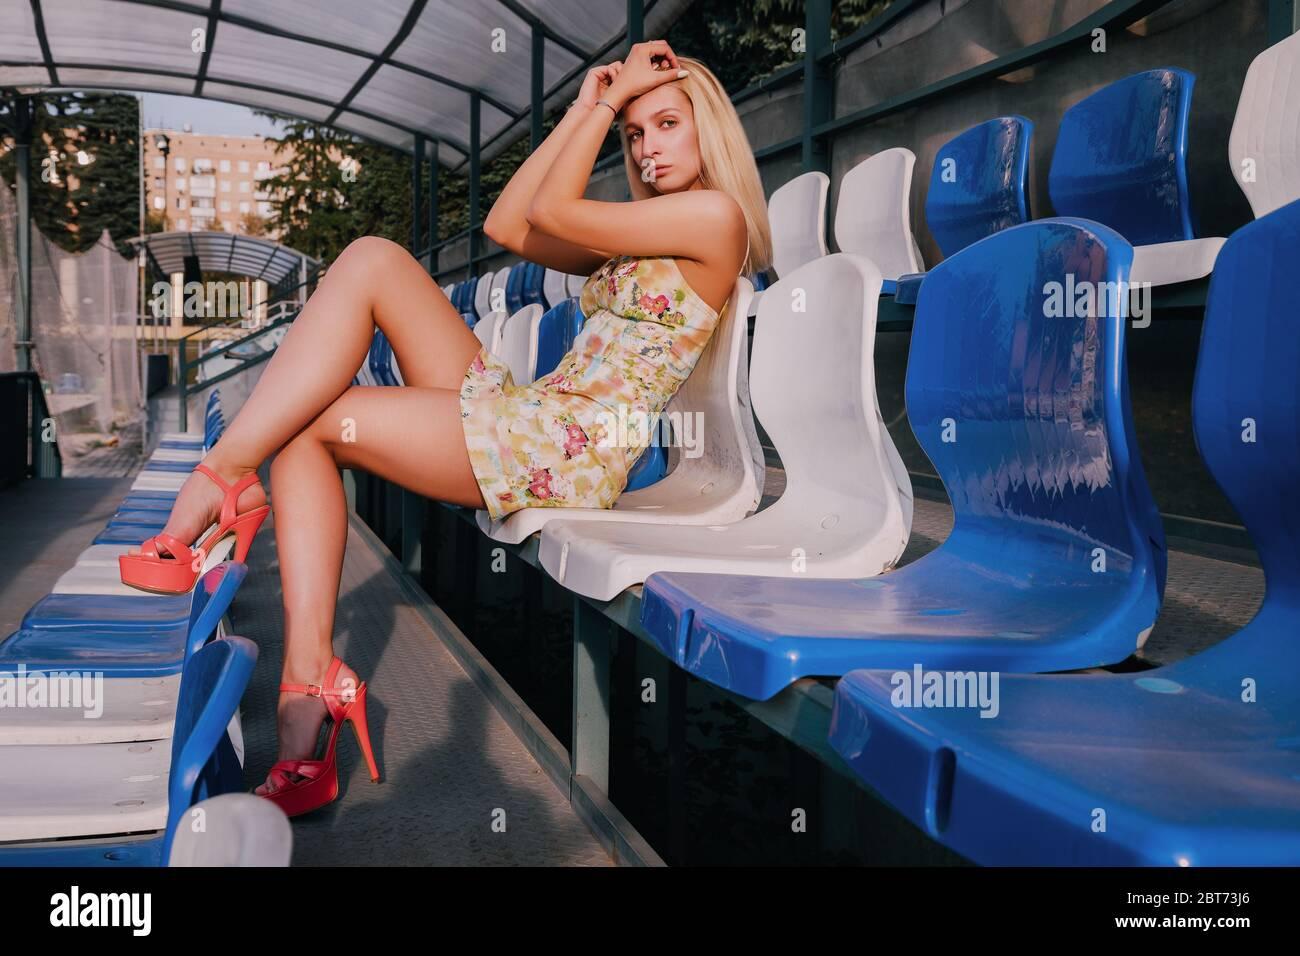 Una chica rubia bonita está sentada en un stand (tribuna). Lleva un vestido corto y tacones altos rojos. Es soleado. Foto de stock